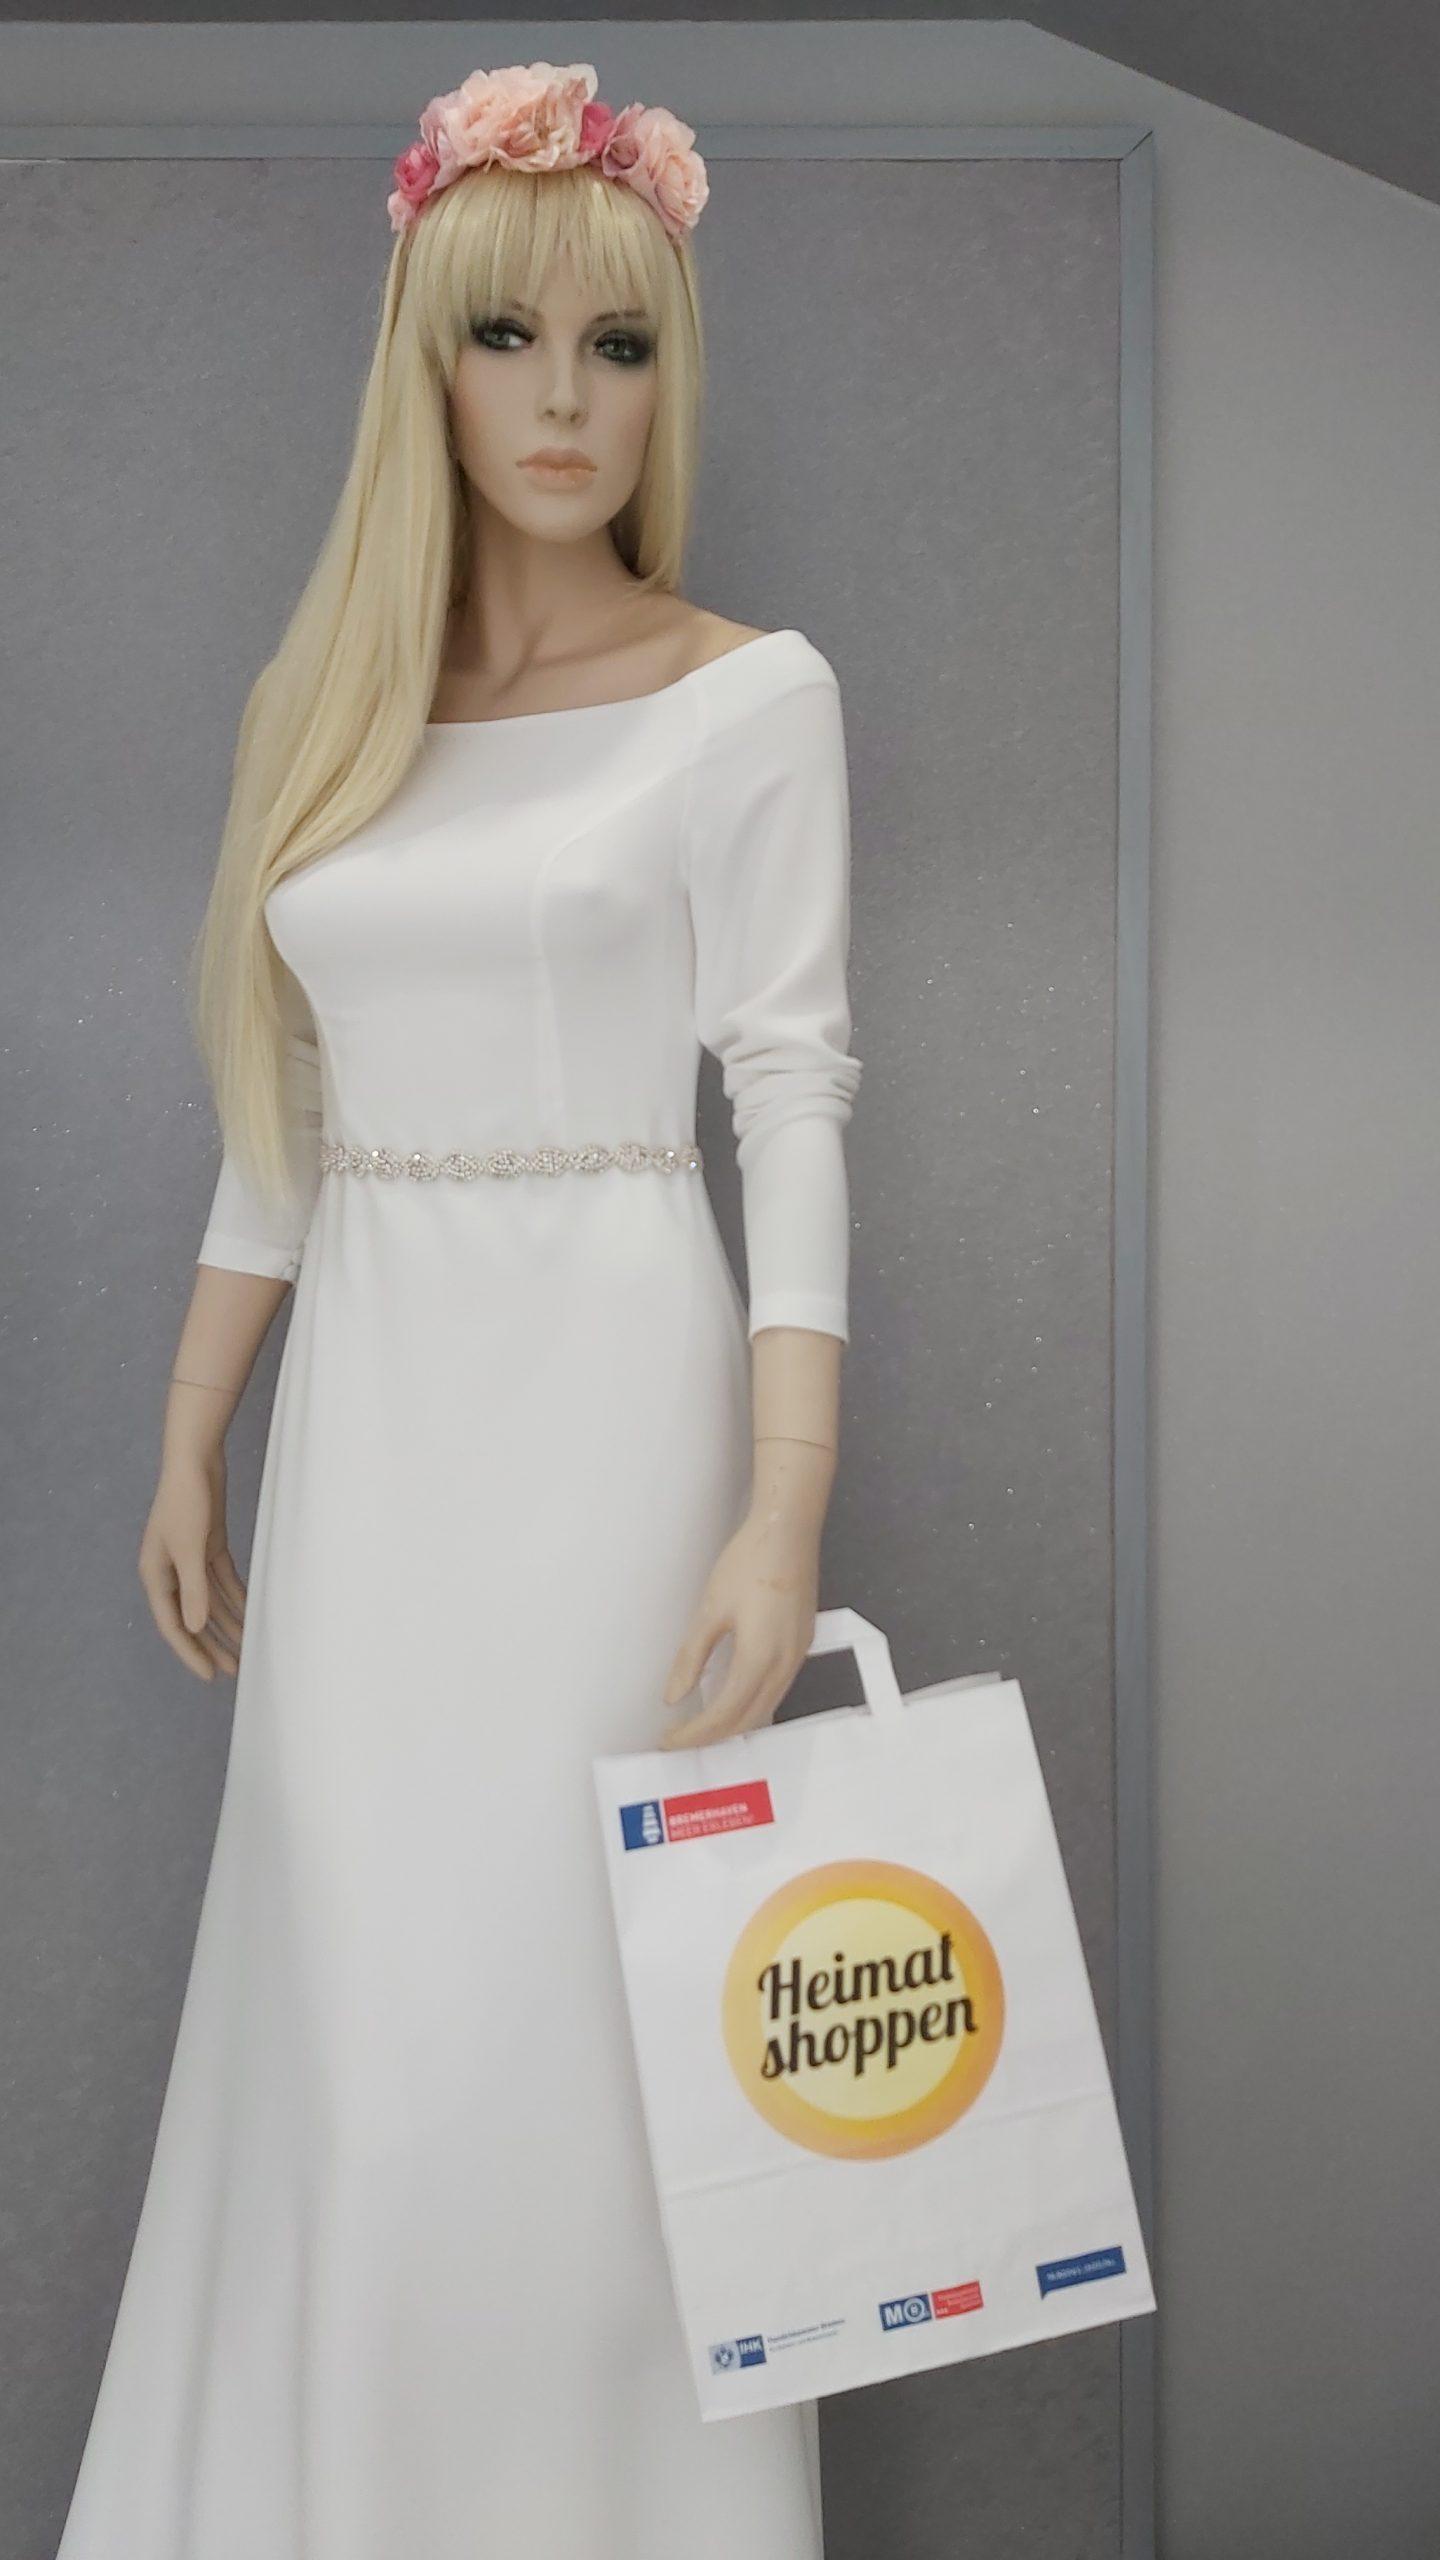 Heimat shoppen 2021 teaser